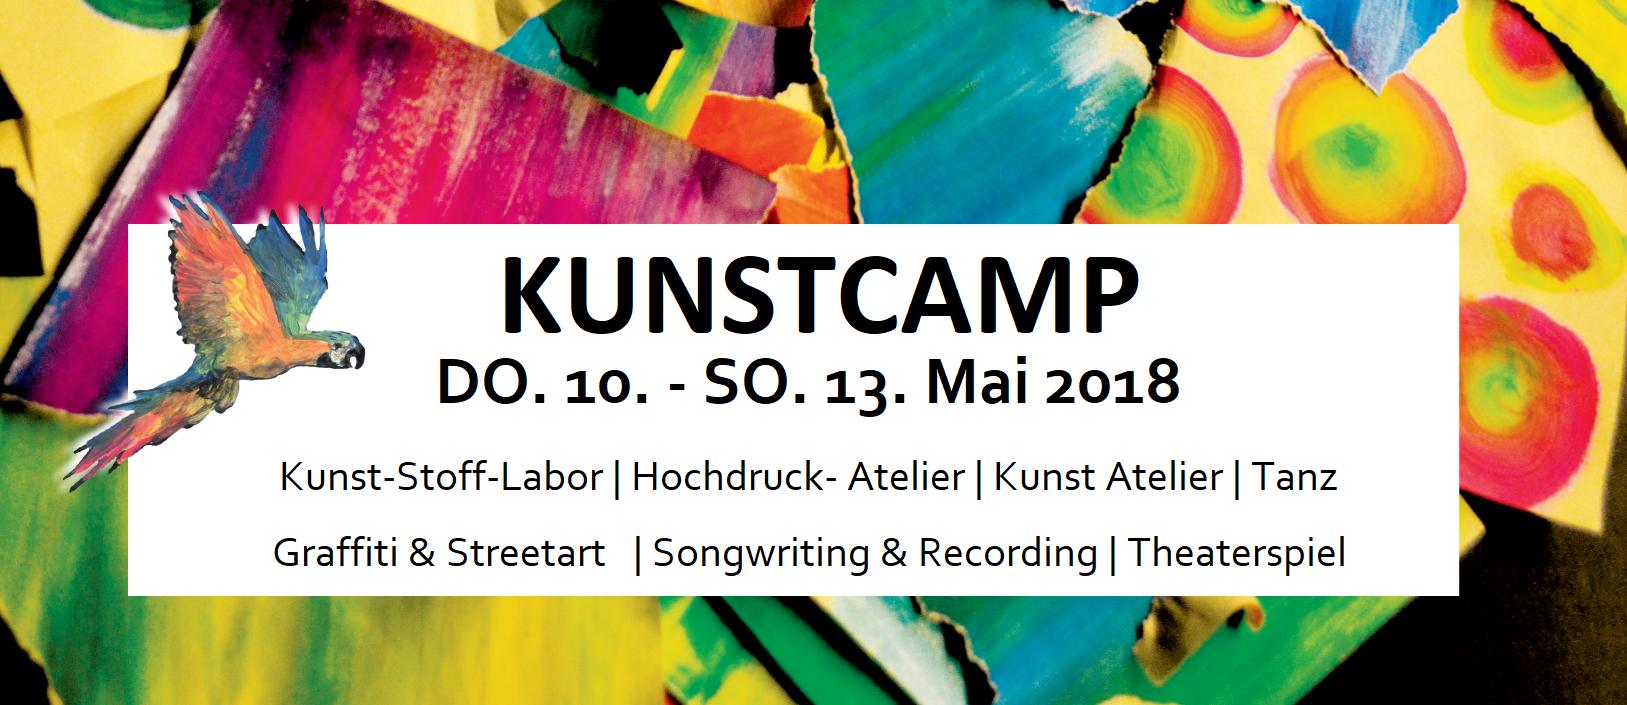 KunstCamp @ Jugendkunstparkour || 10.05.-13.05.18